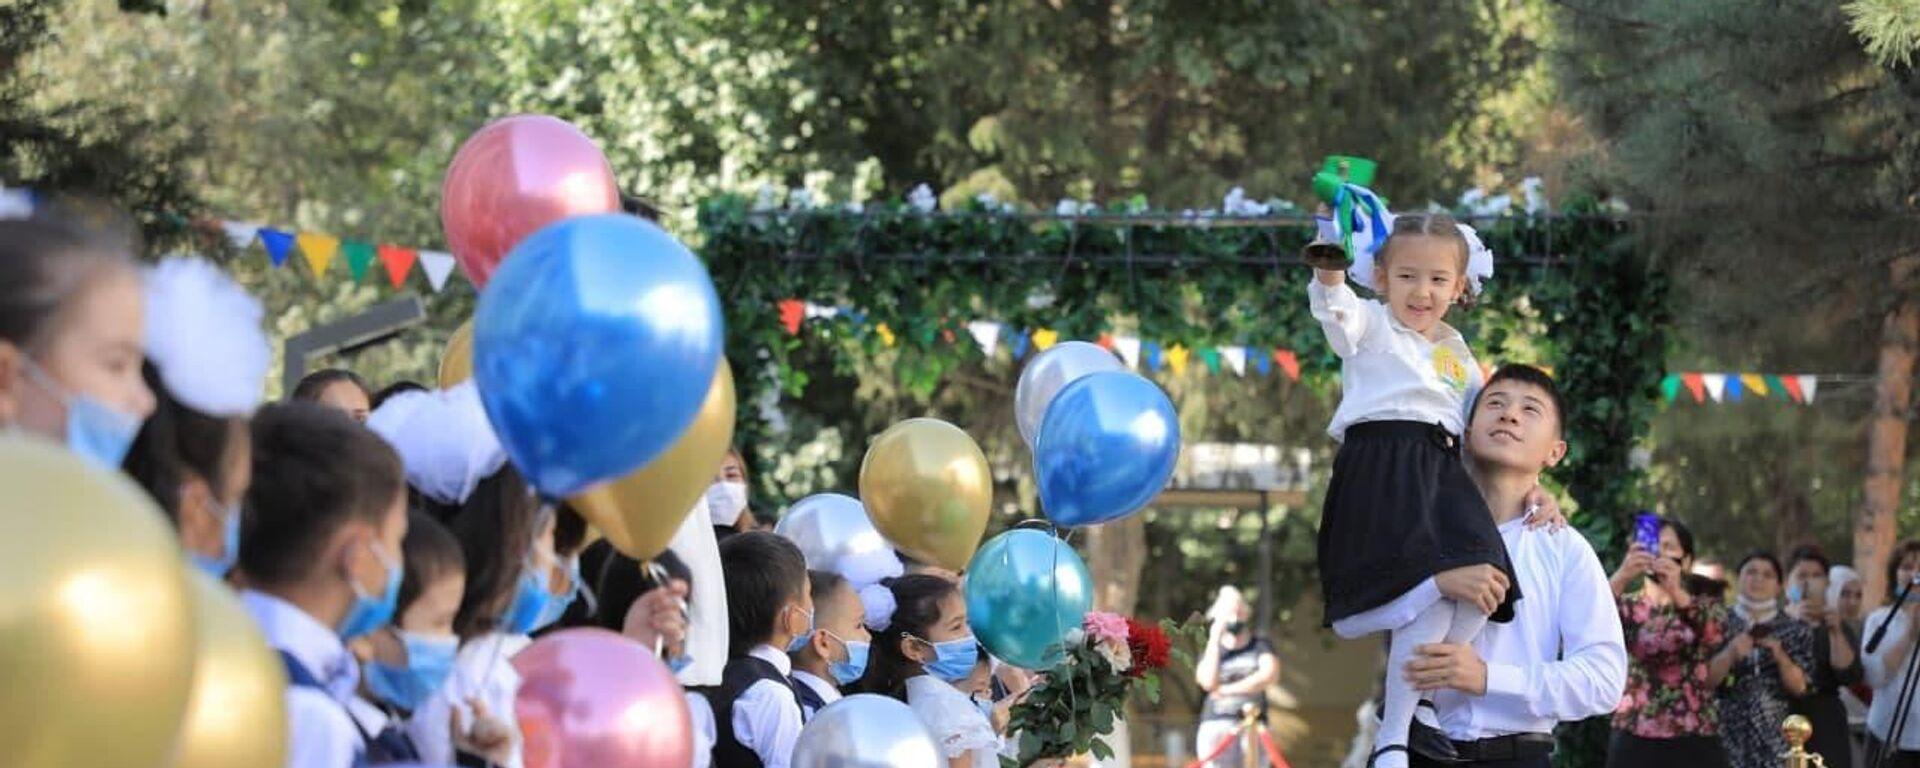 Первый звонок: школы Узбекистана открыли двери для учеников - Sputnik Узбекистан, 1920, 06.09.2021